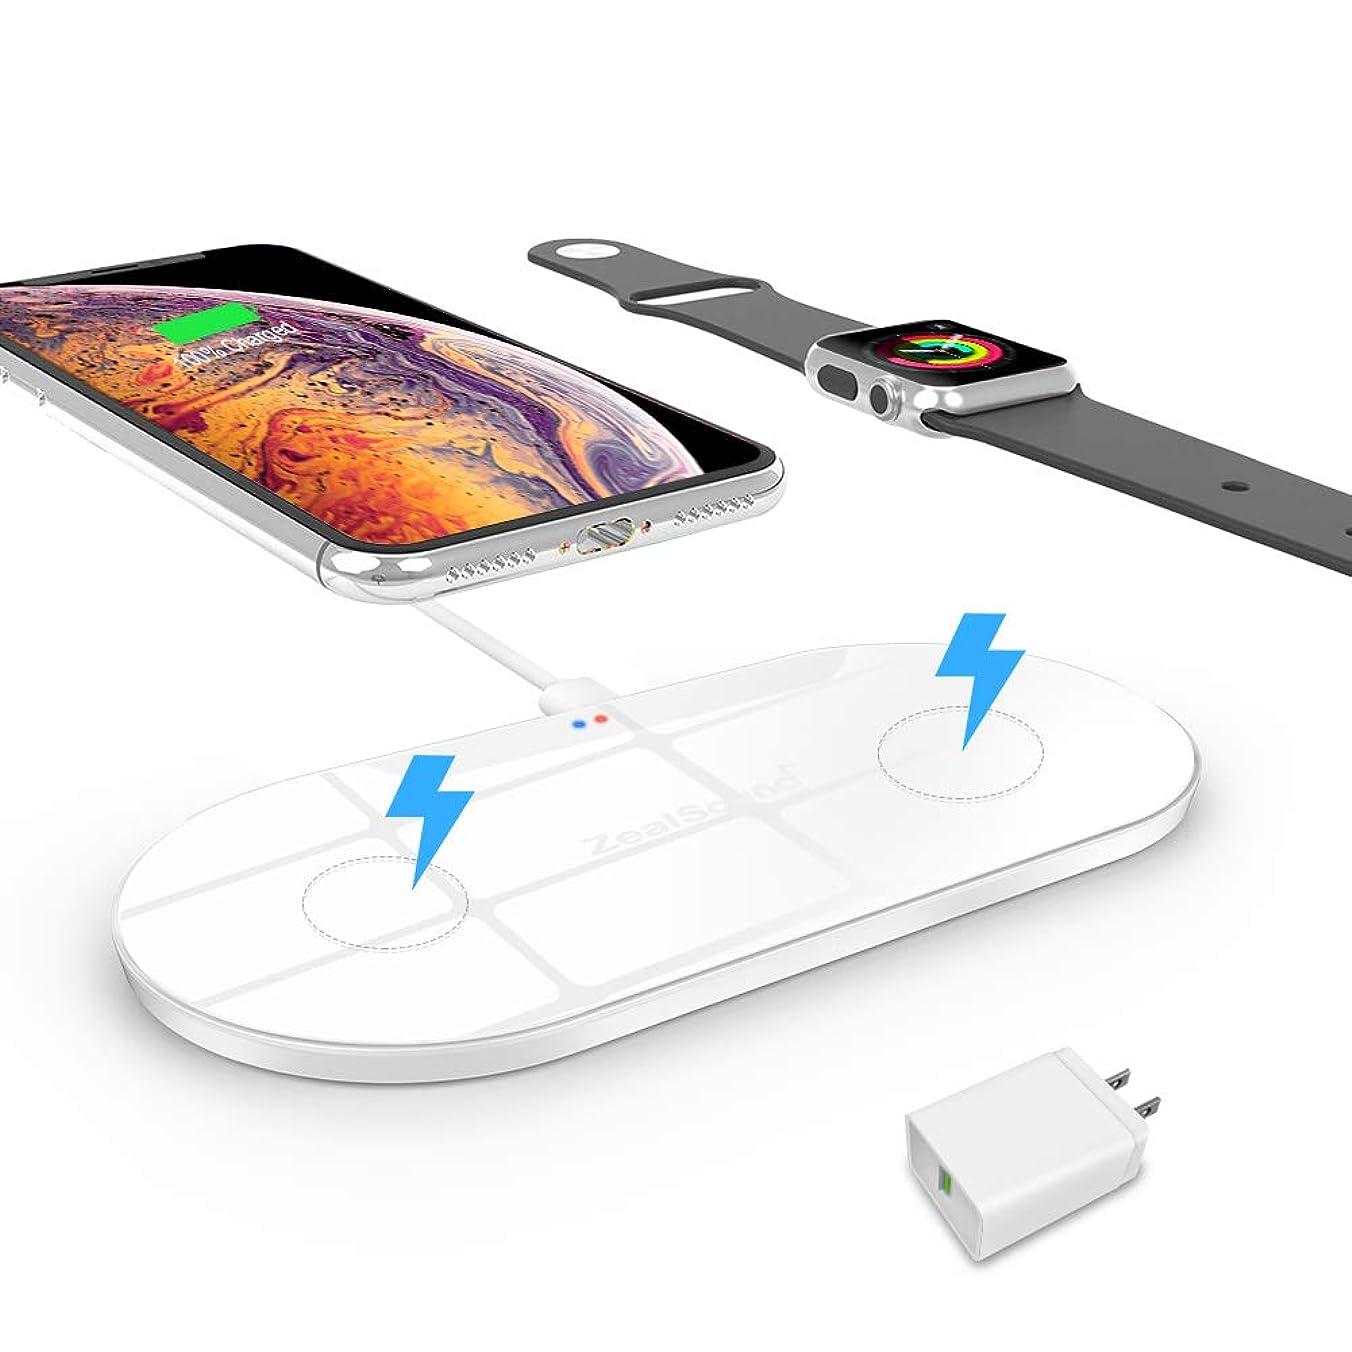 創傷アルカイックブラシ急速ワイヤレス充電器【2019年最新改良版?2in1】ZealSound ワイヤレス充電器(10W/7.5W/5W ワイヤレス急速充電器)スマホ?ウォッチ同時充電 ワイヤレスチャー ジャー 置くだけ充電 超薄型 急速充電器 Apple Watch Series 4/3/2/1/Nike+ & iPhone Xs Max/XR/Xs/X/8/8 Plus 同時に充電可 Apple7.5w/Samsung 10W 急速充電 Samsungワイヤレス充電 スタンド Samsung Galaxy S10/S10+/S10E/Note 9/S9/S9+/S8/S7/Note 8/ S7 Edge /XIAOMI